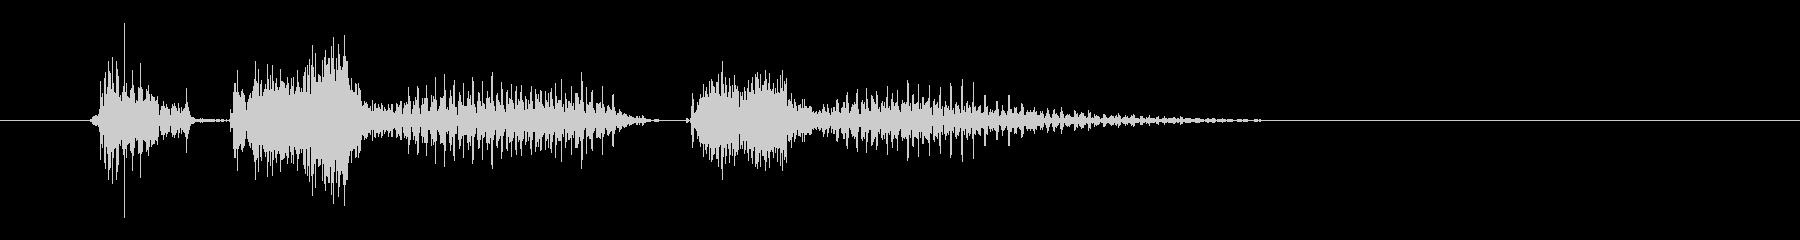 英語 XOXO セクシーな声の未再生の波形